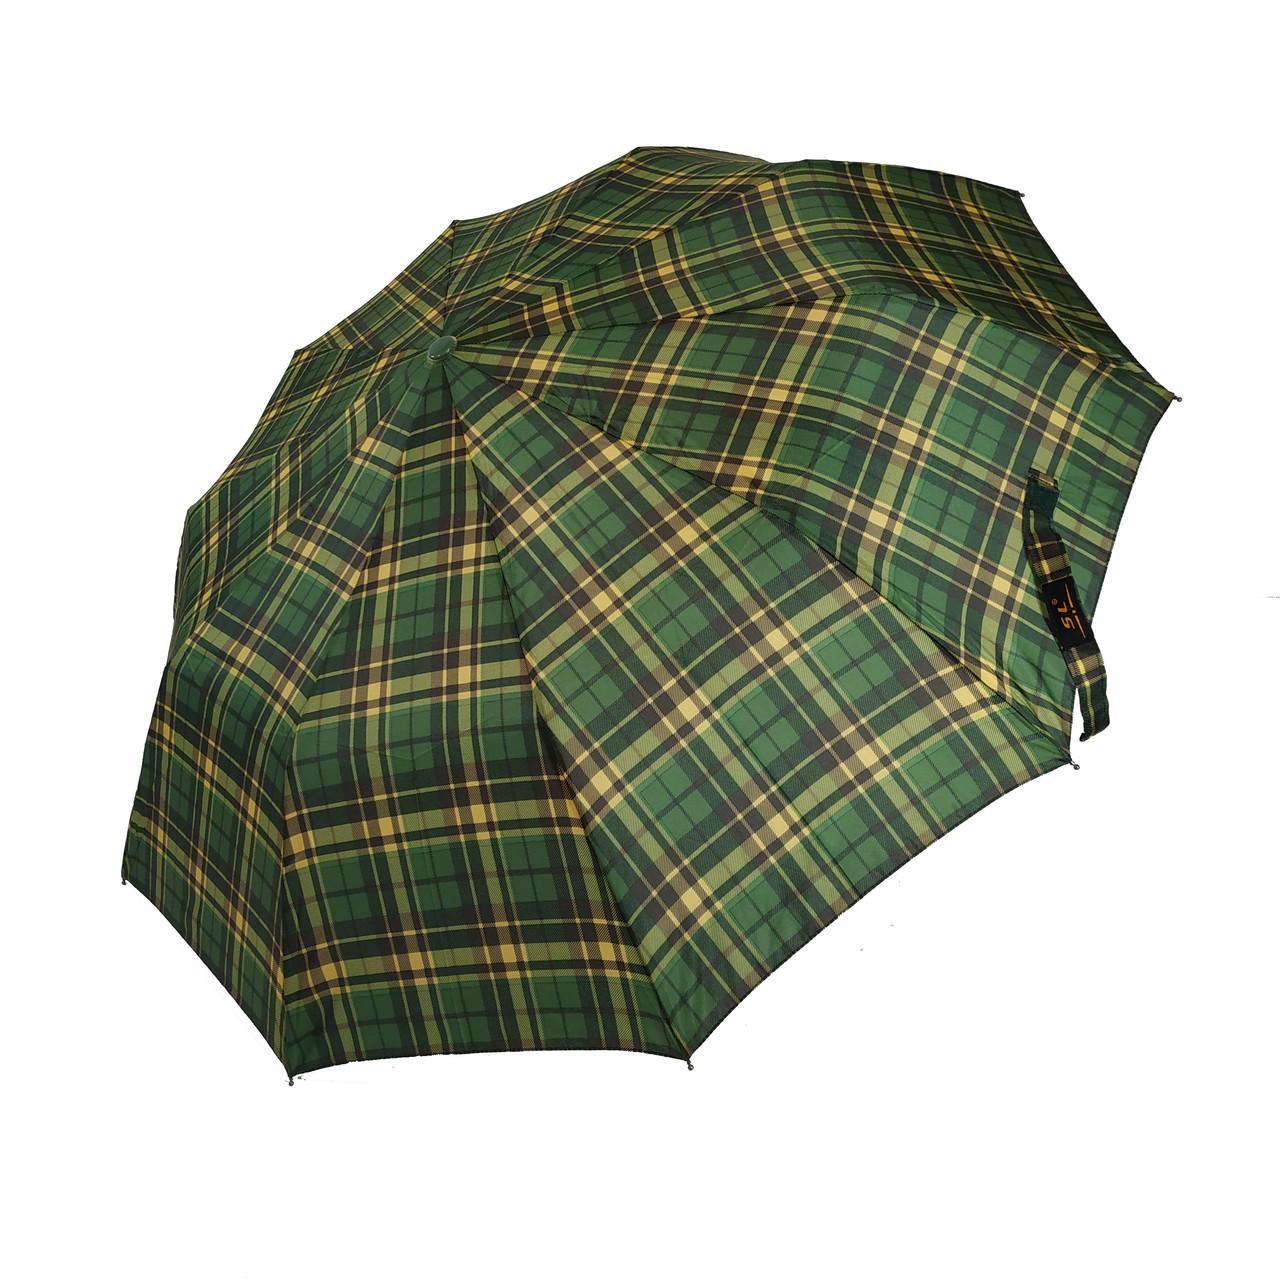 Мужской зонт-полуавтомат в клетку от SL, зеленый, 475-2